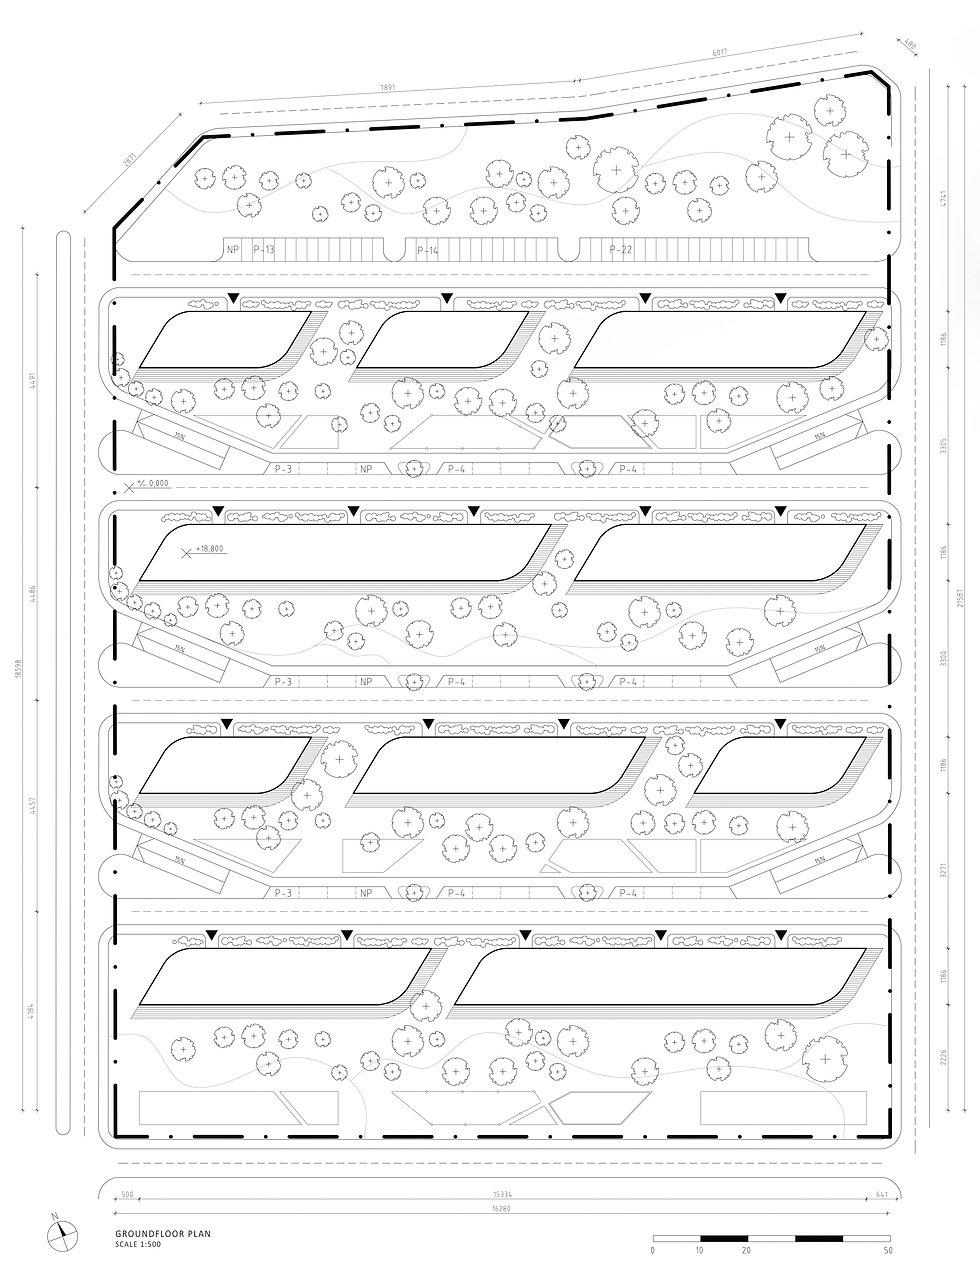 GroundFloor Plan.jpg